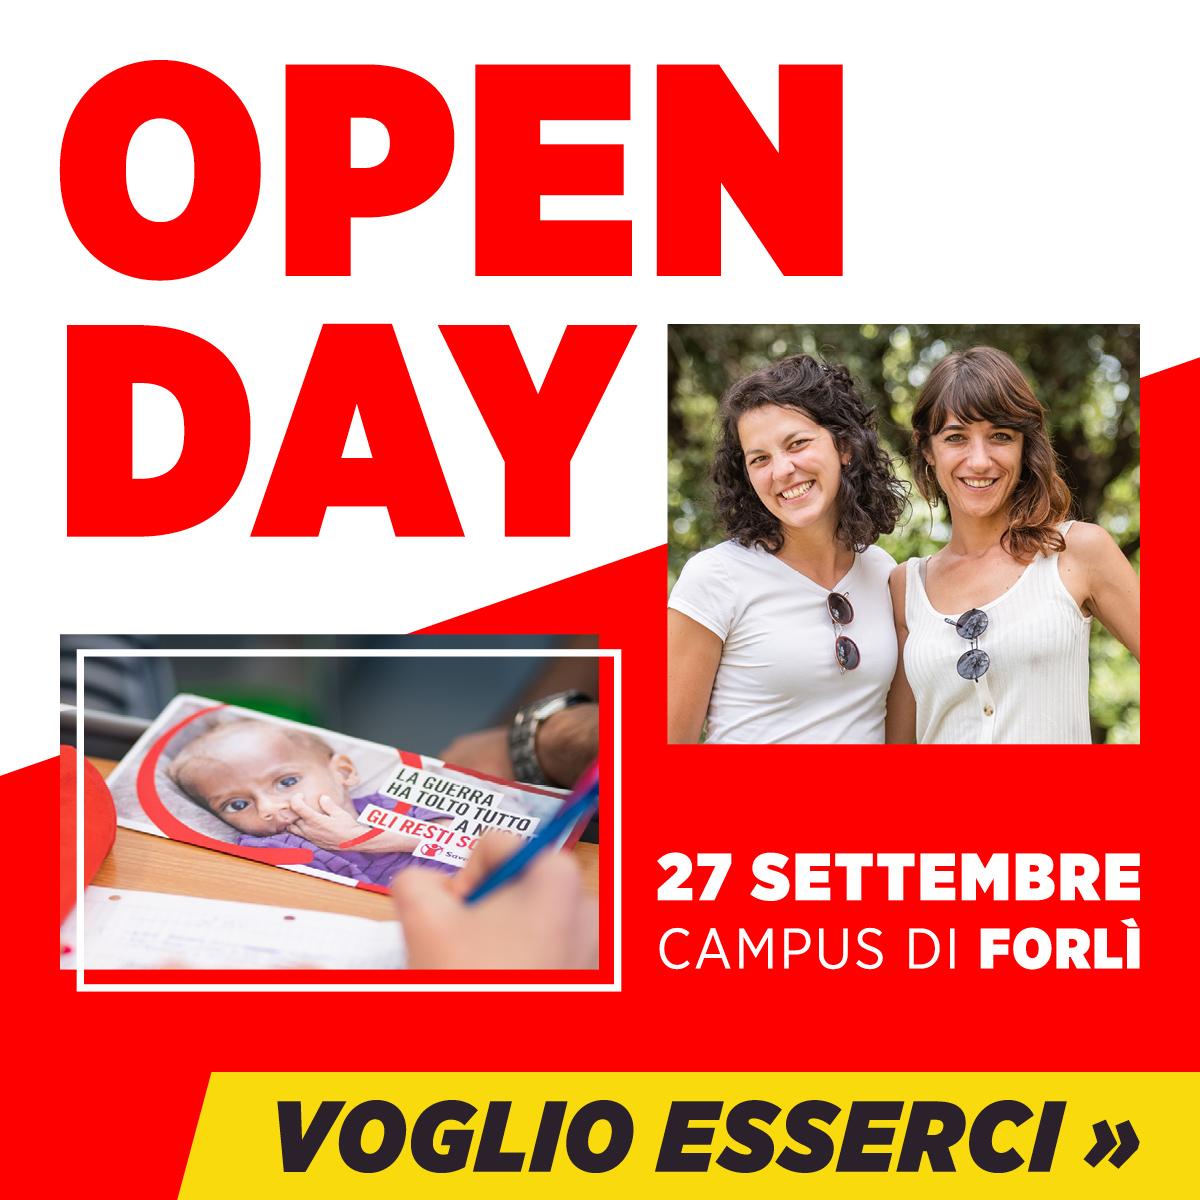 Porte aperte al Master in Fundraising per l'Open Day!